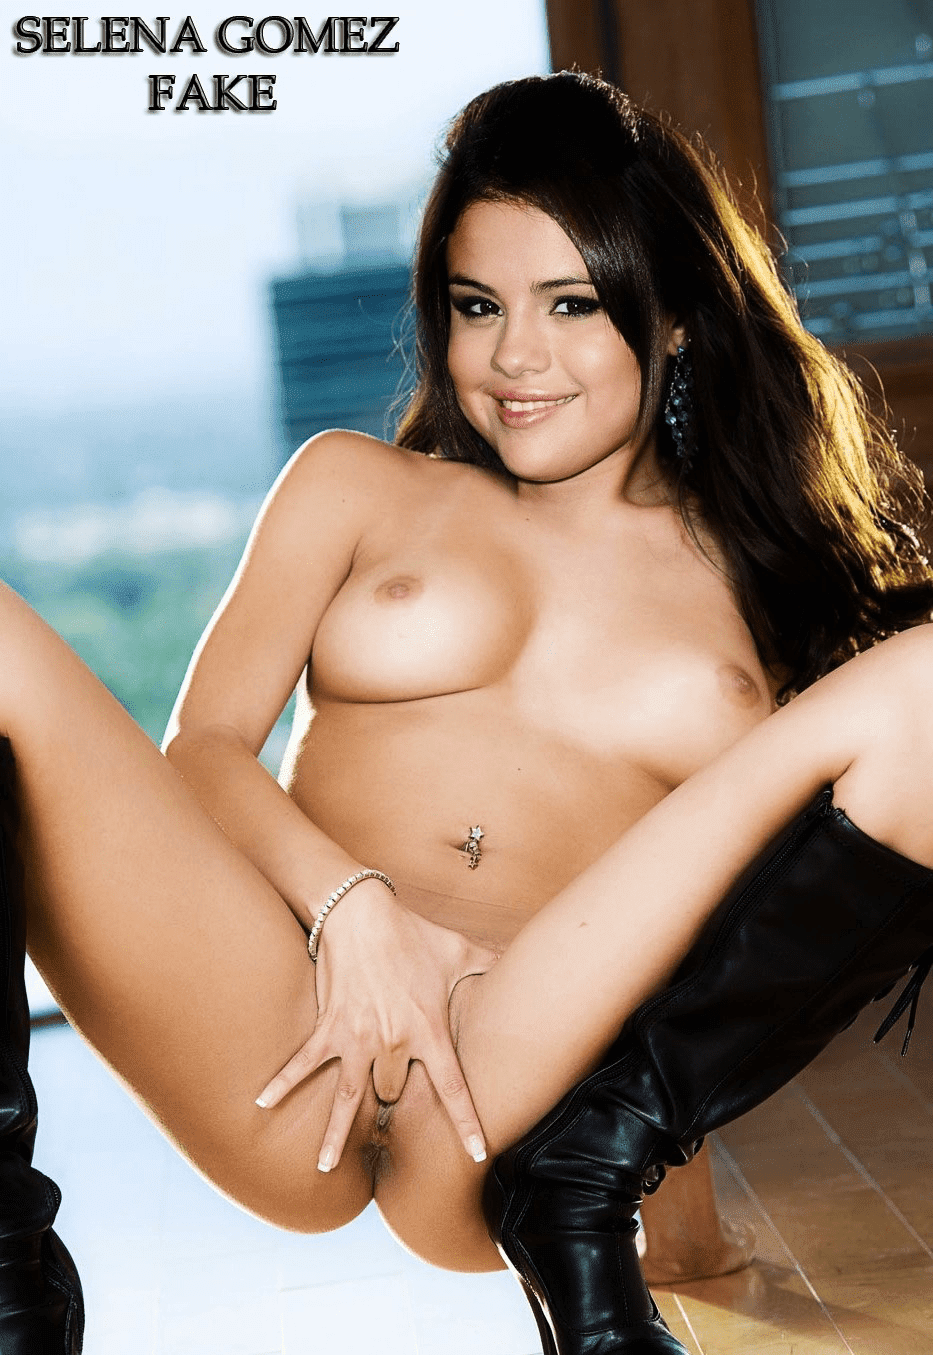 Gomez selena pornos von Suchergebnisse für